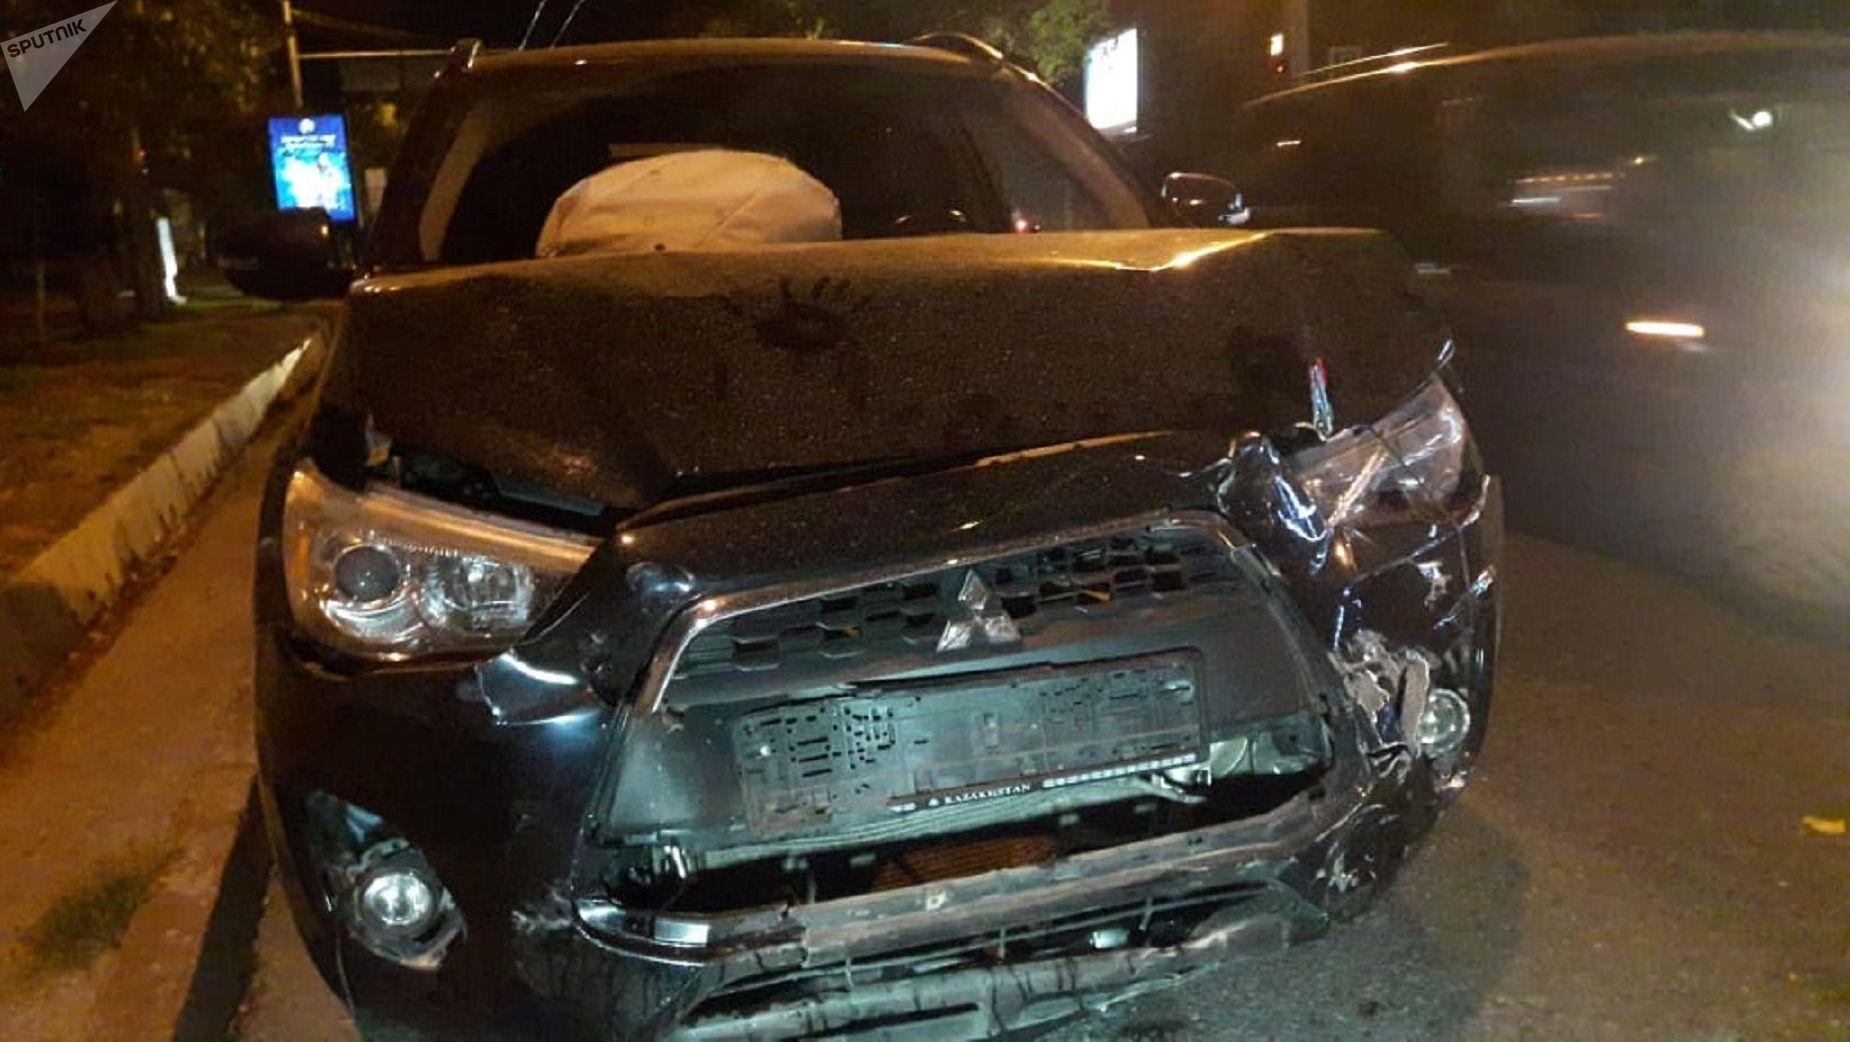 Очевидцы ДТП сообщили, что виновник аварии пытался скрыться